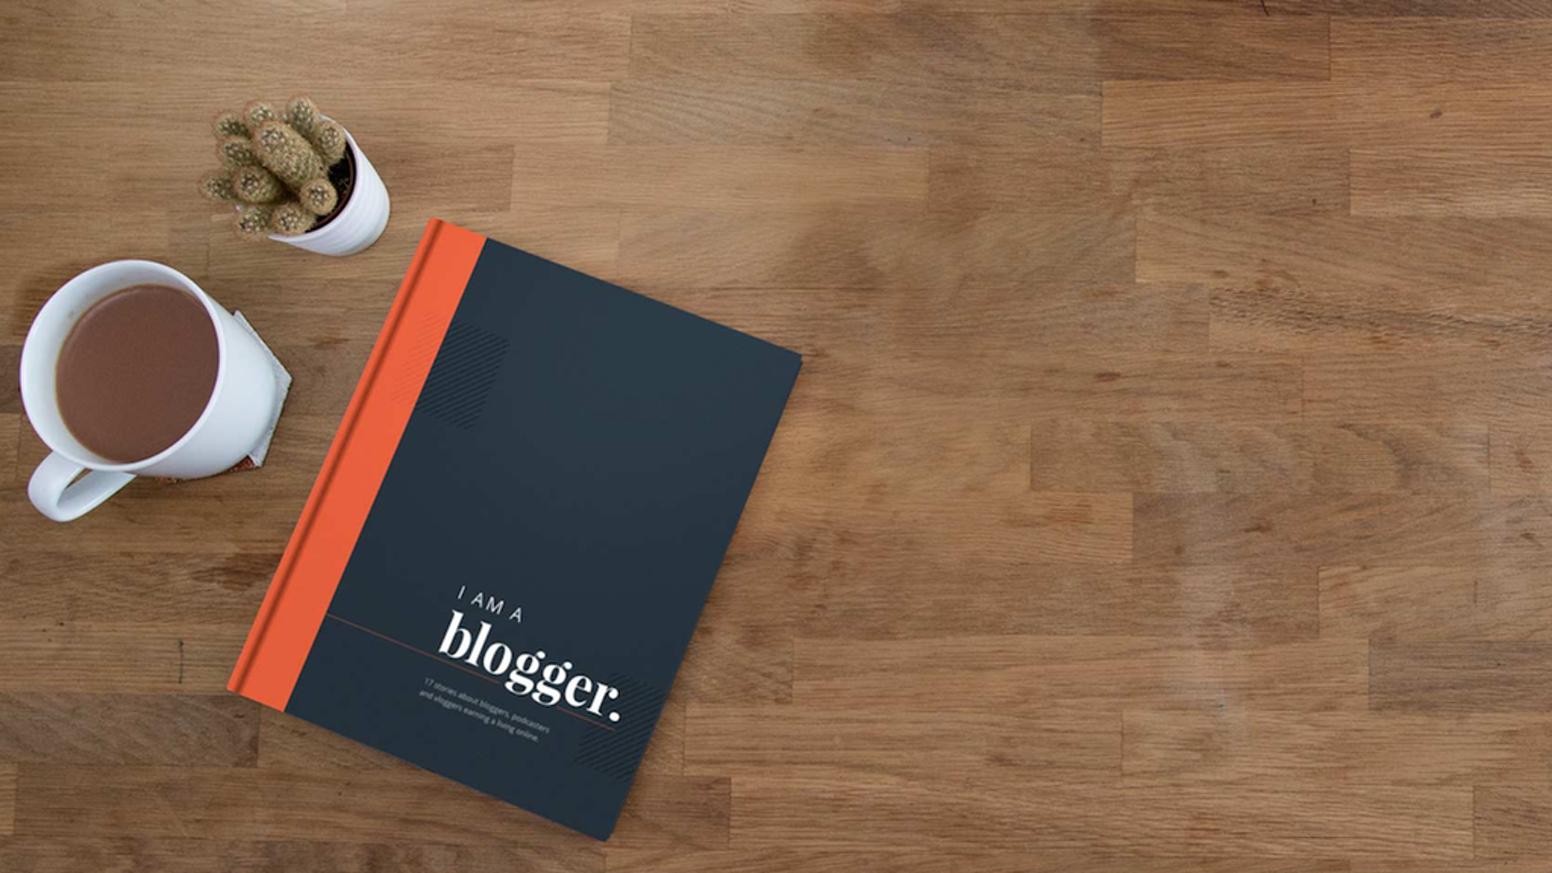 Blogger come funziona